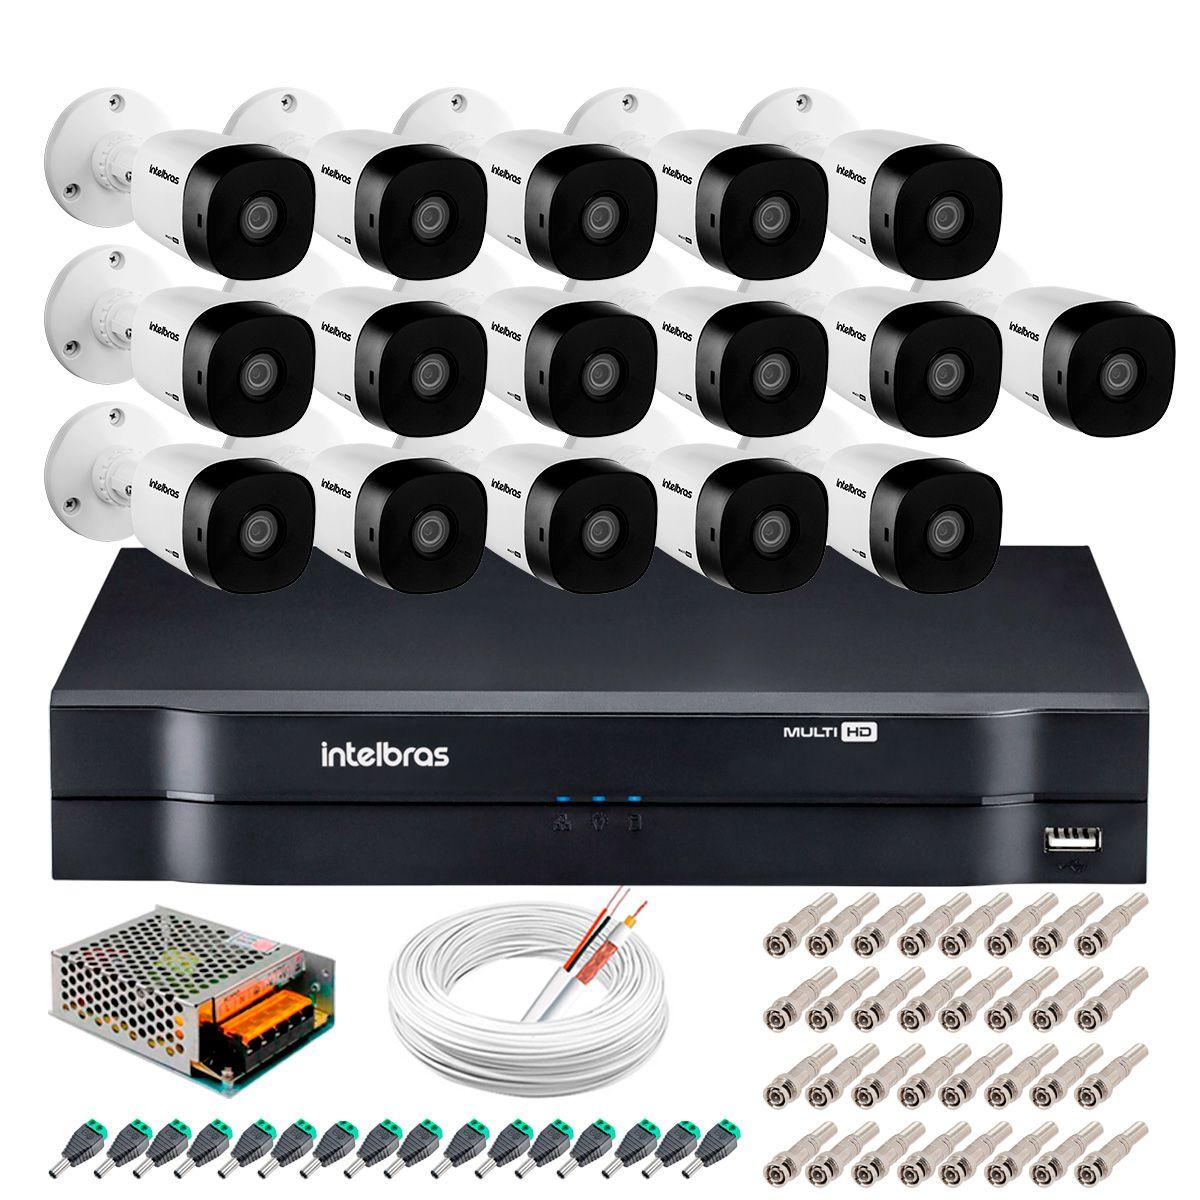 Kit 16 Câmeras Intelbras VHD 1220 B Full HD 1080 Lite + DVR Intelbras - Câmeras com 20m Infravermelho de Visão Noturna + Fonte, Cabos e Acessórios  - Tudo Forte